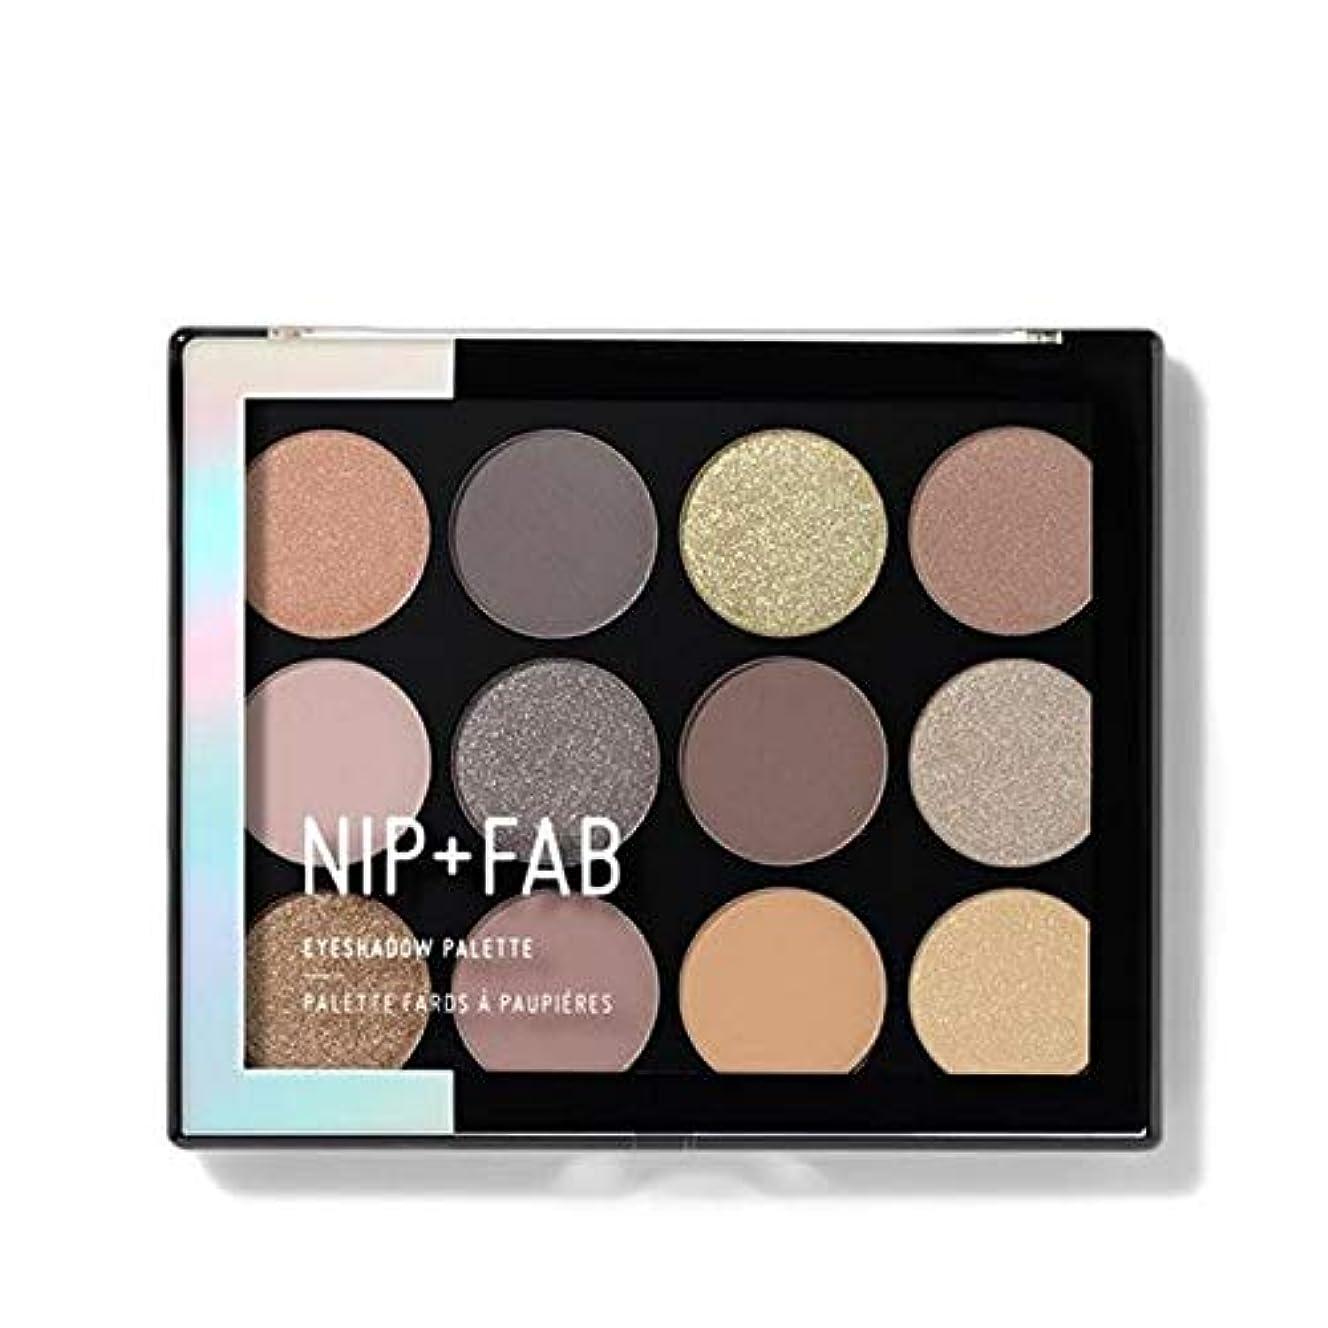 お別れ派生するがんばり続ける[Nip & Fab ] アイシャドウパレット12グラム穏やかグラム4を構成するFab +ニップ - NIP+FAB Make Up Eyeshadow Palette 12g Gentle Glam 4 [並行輸入品]